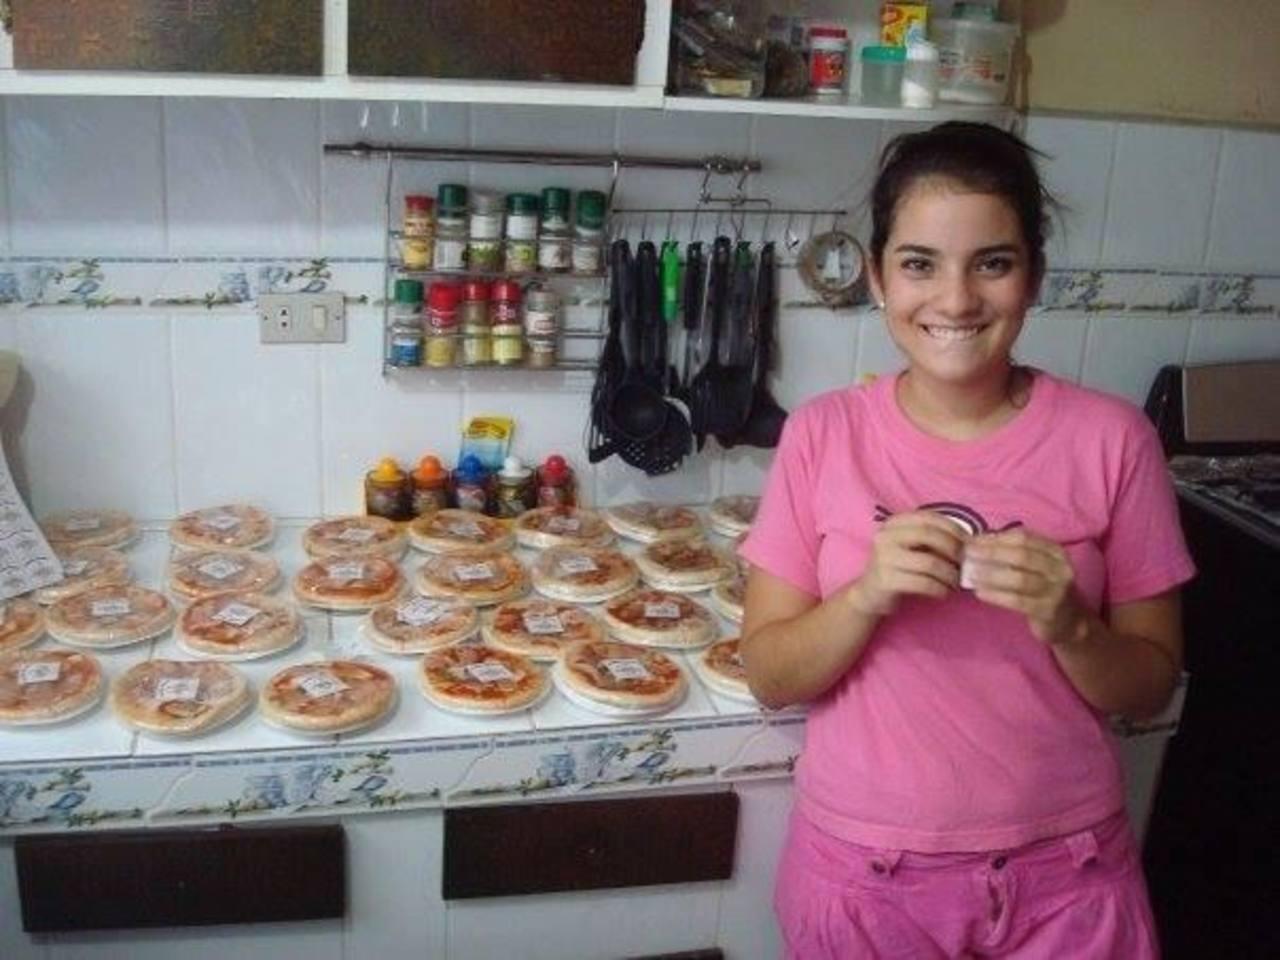 El ejemplo de los padres de Sofía fueron claves para su primer negocio de pizzas.